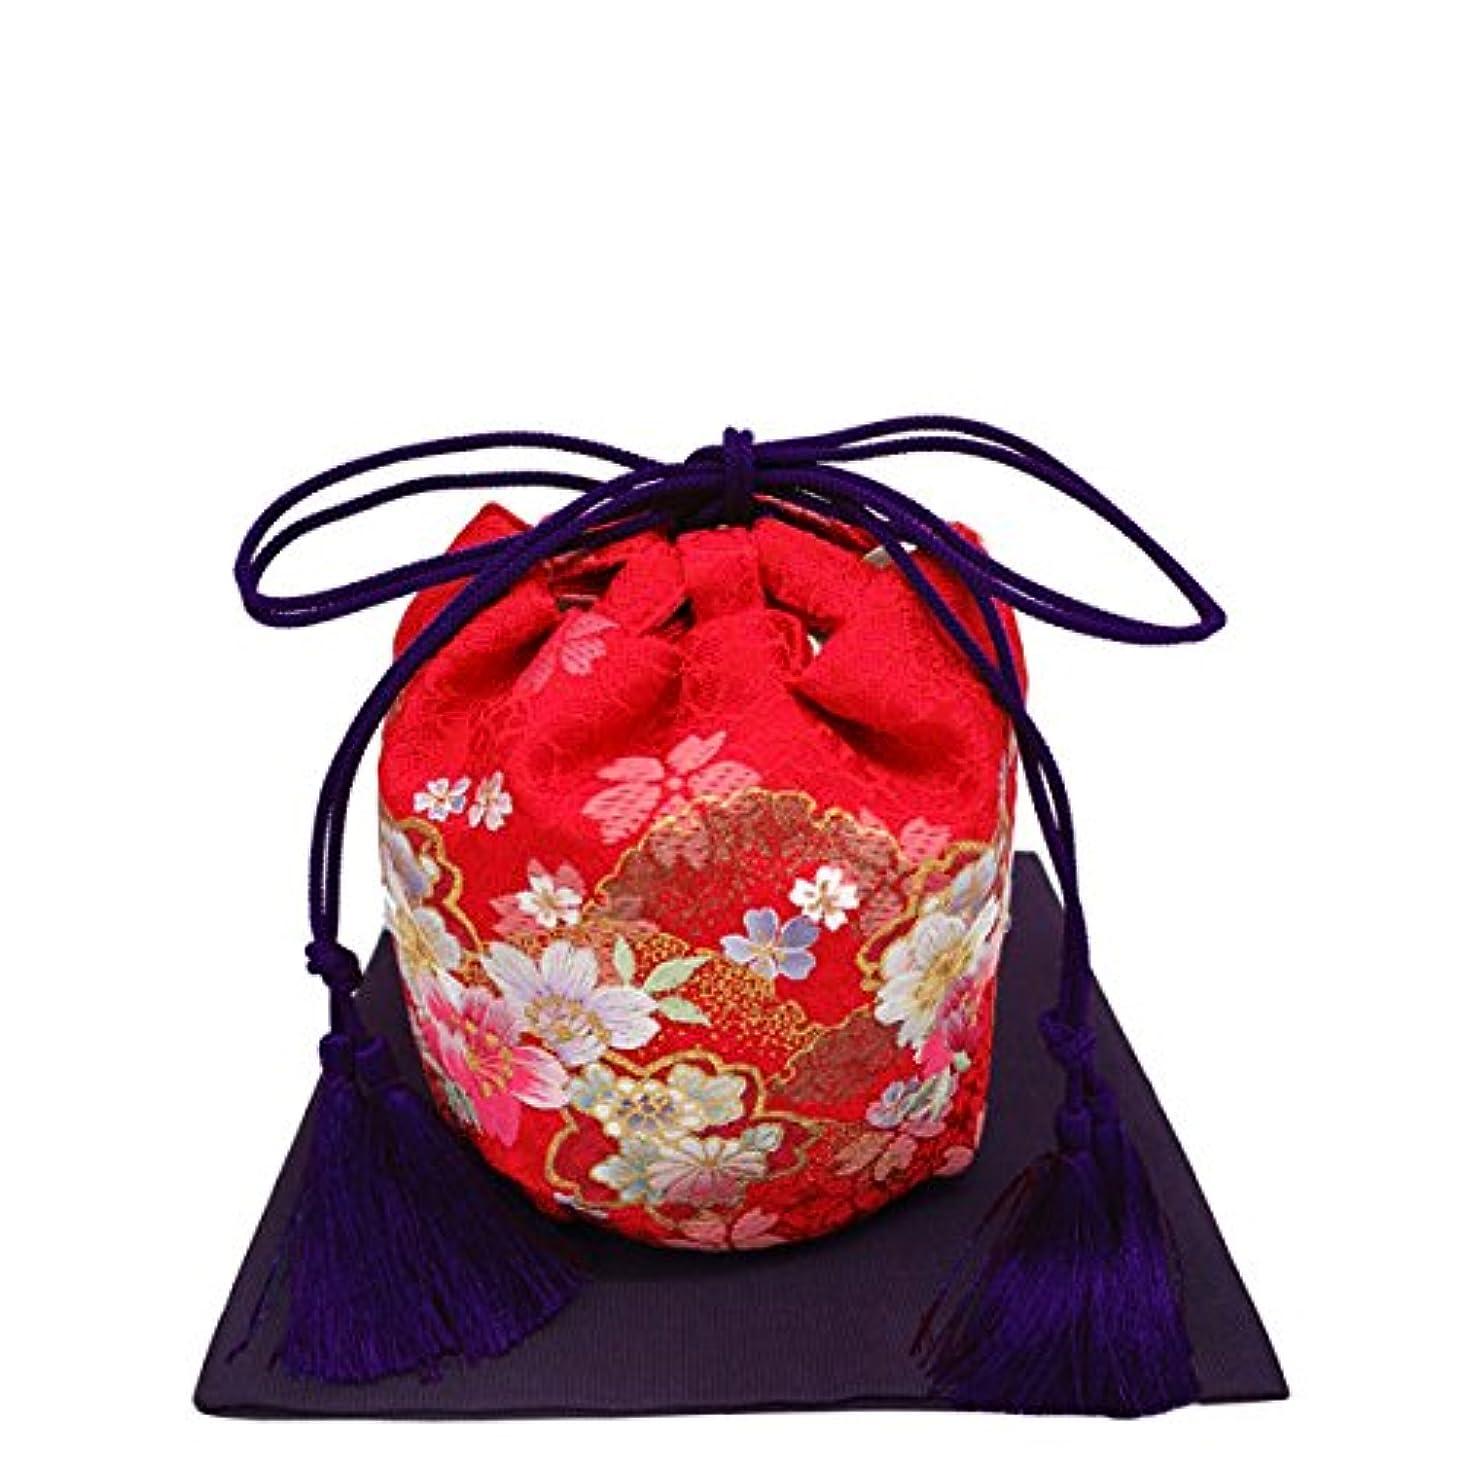 スクリューキャラバンロゴ言寿(ことほぎ)袋 (言寿(ことほぎ)袋 桜)